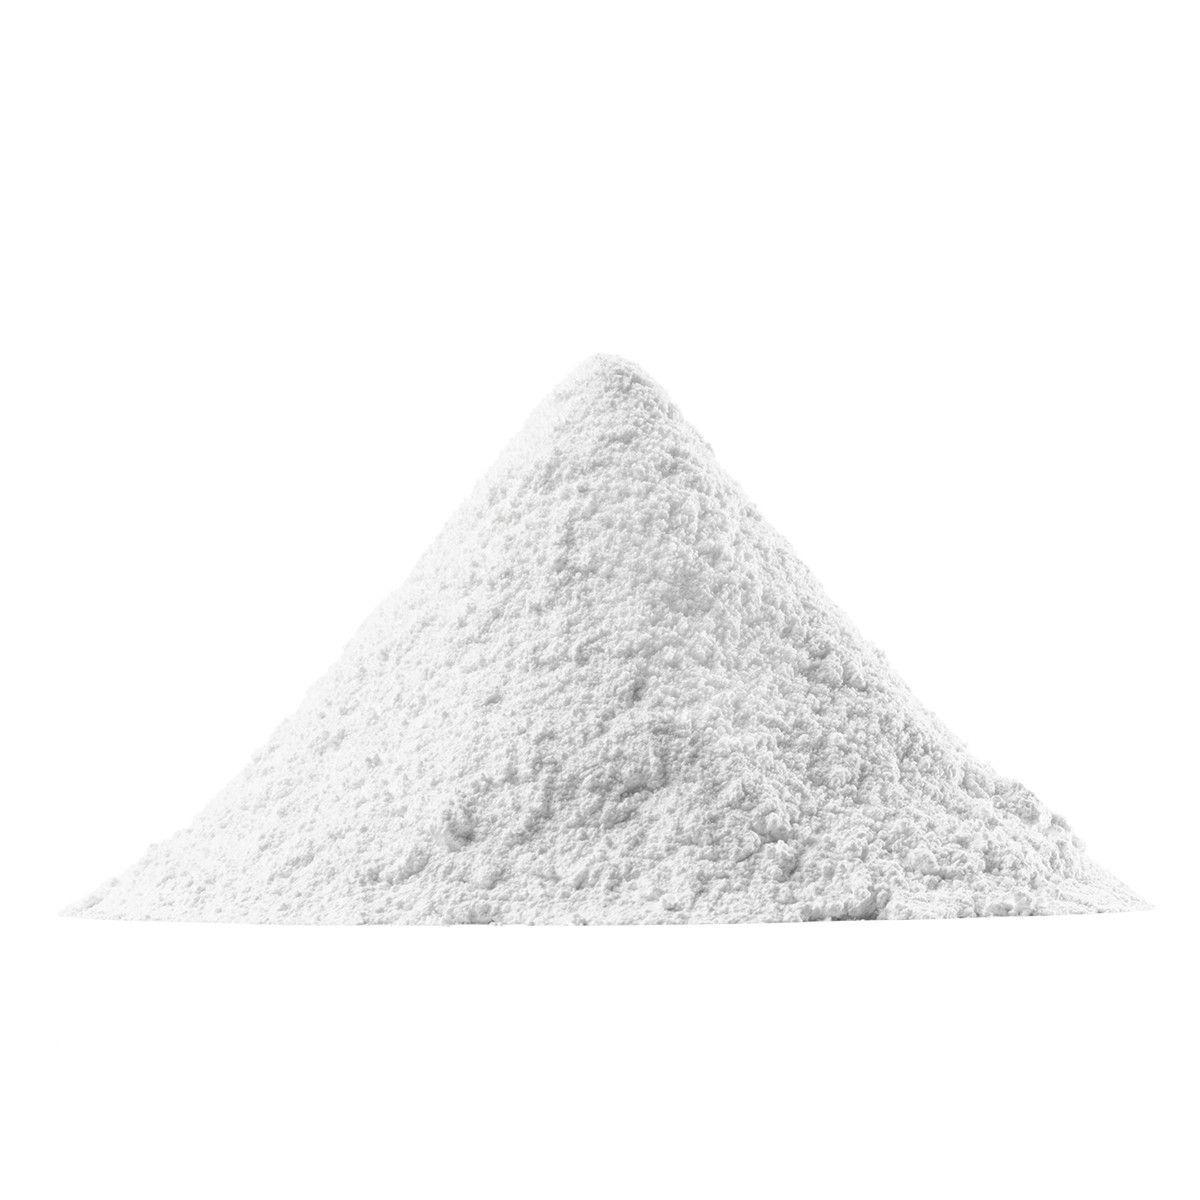 Extra-Fine Talc Powder - 5lb Box